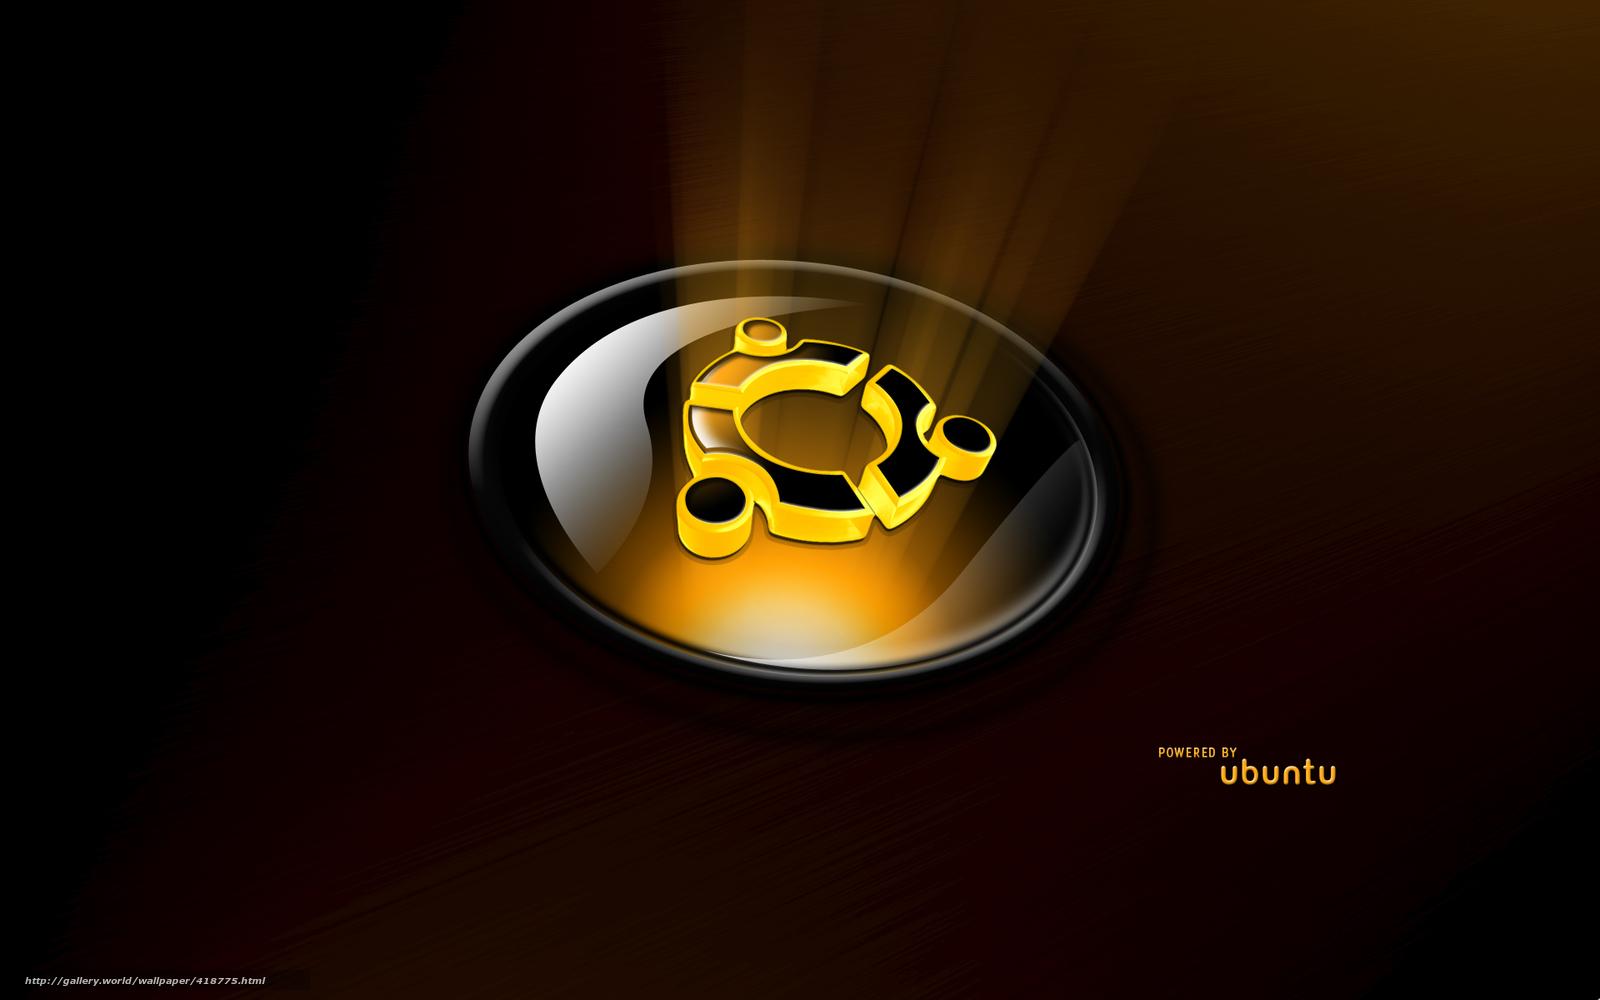 Tlcharger fond d 39 ecran ubuntu linux os fonds d 39 ecran for Photo ecran ubuntu